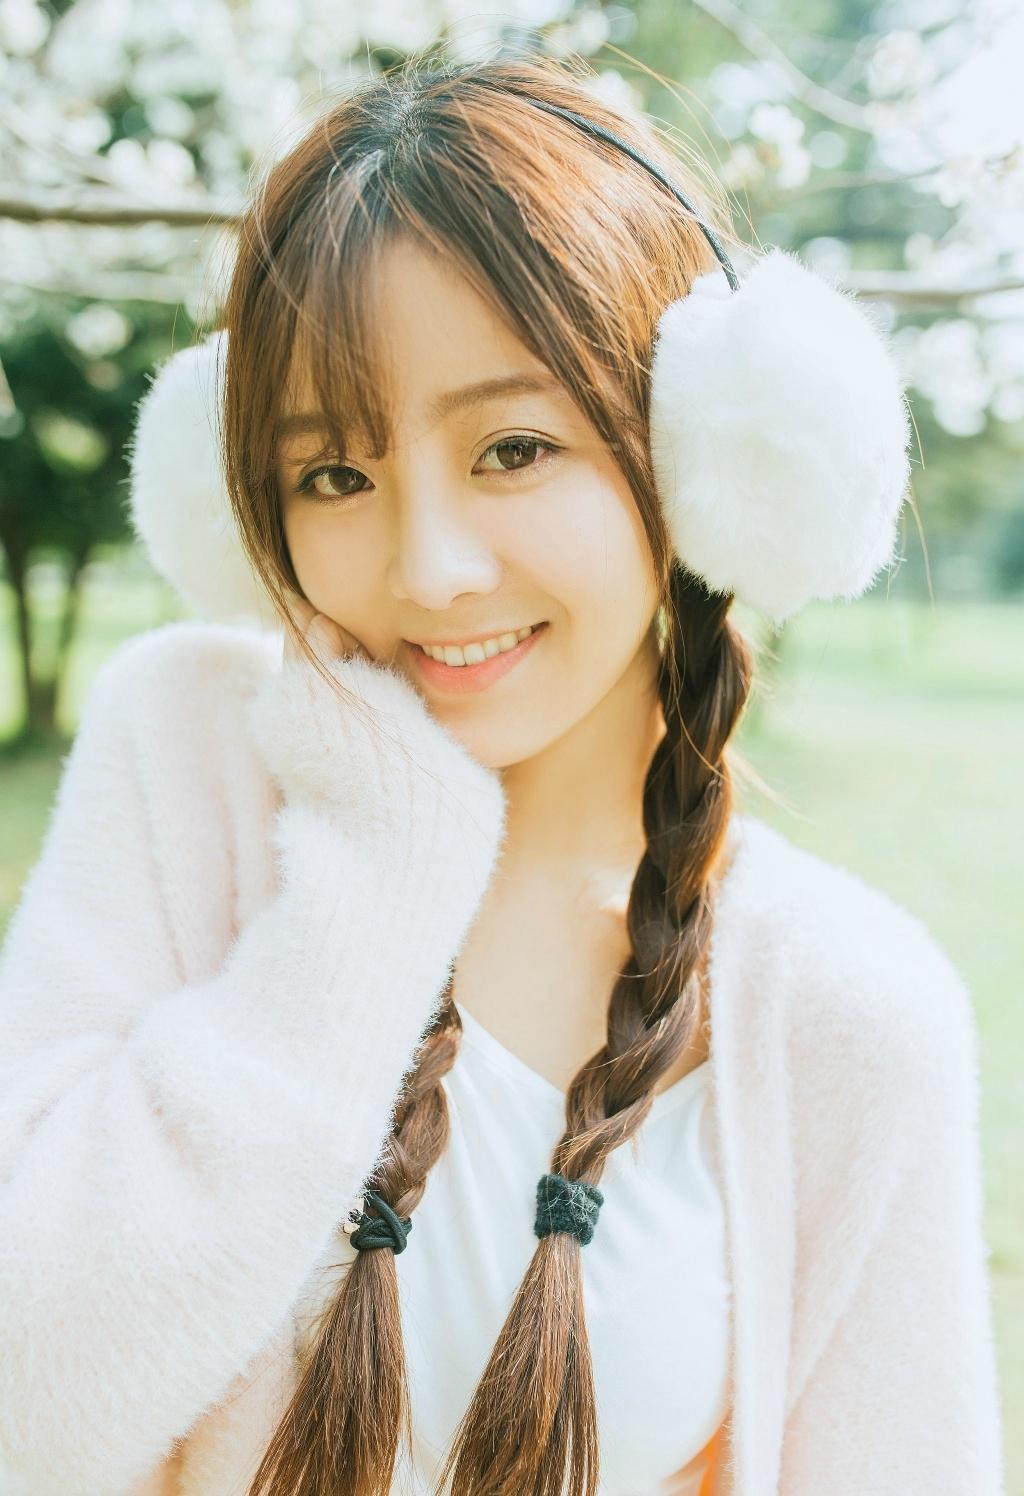 7JUY-045性感美女李雅ol制服高跟丝袜日本无遮图片